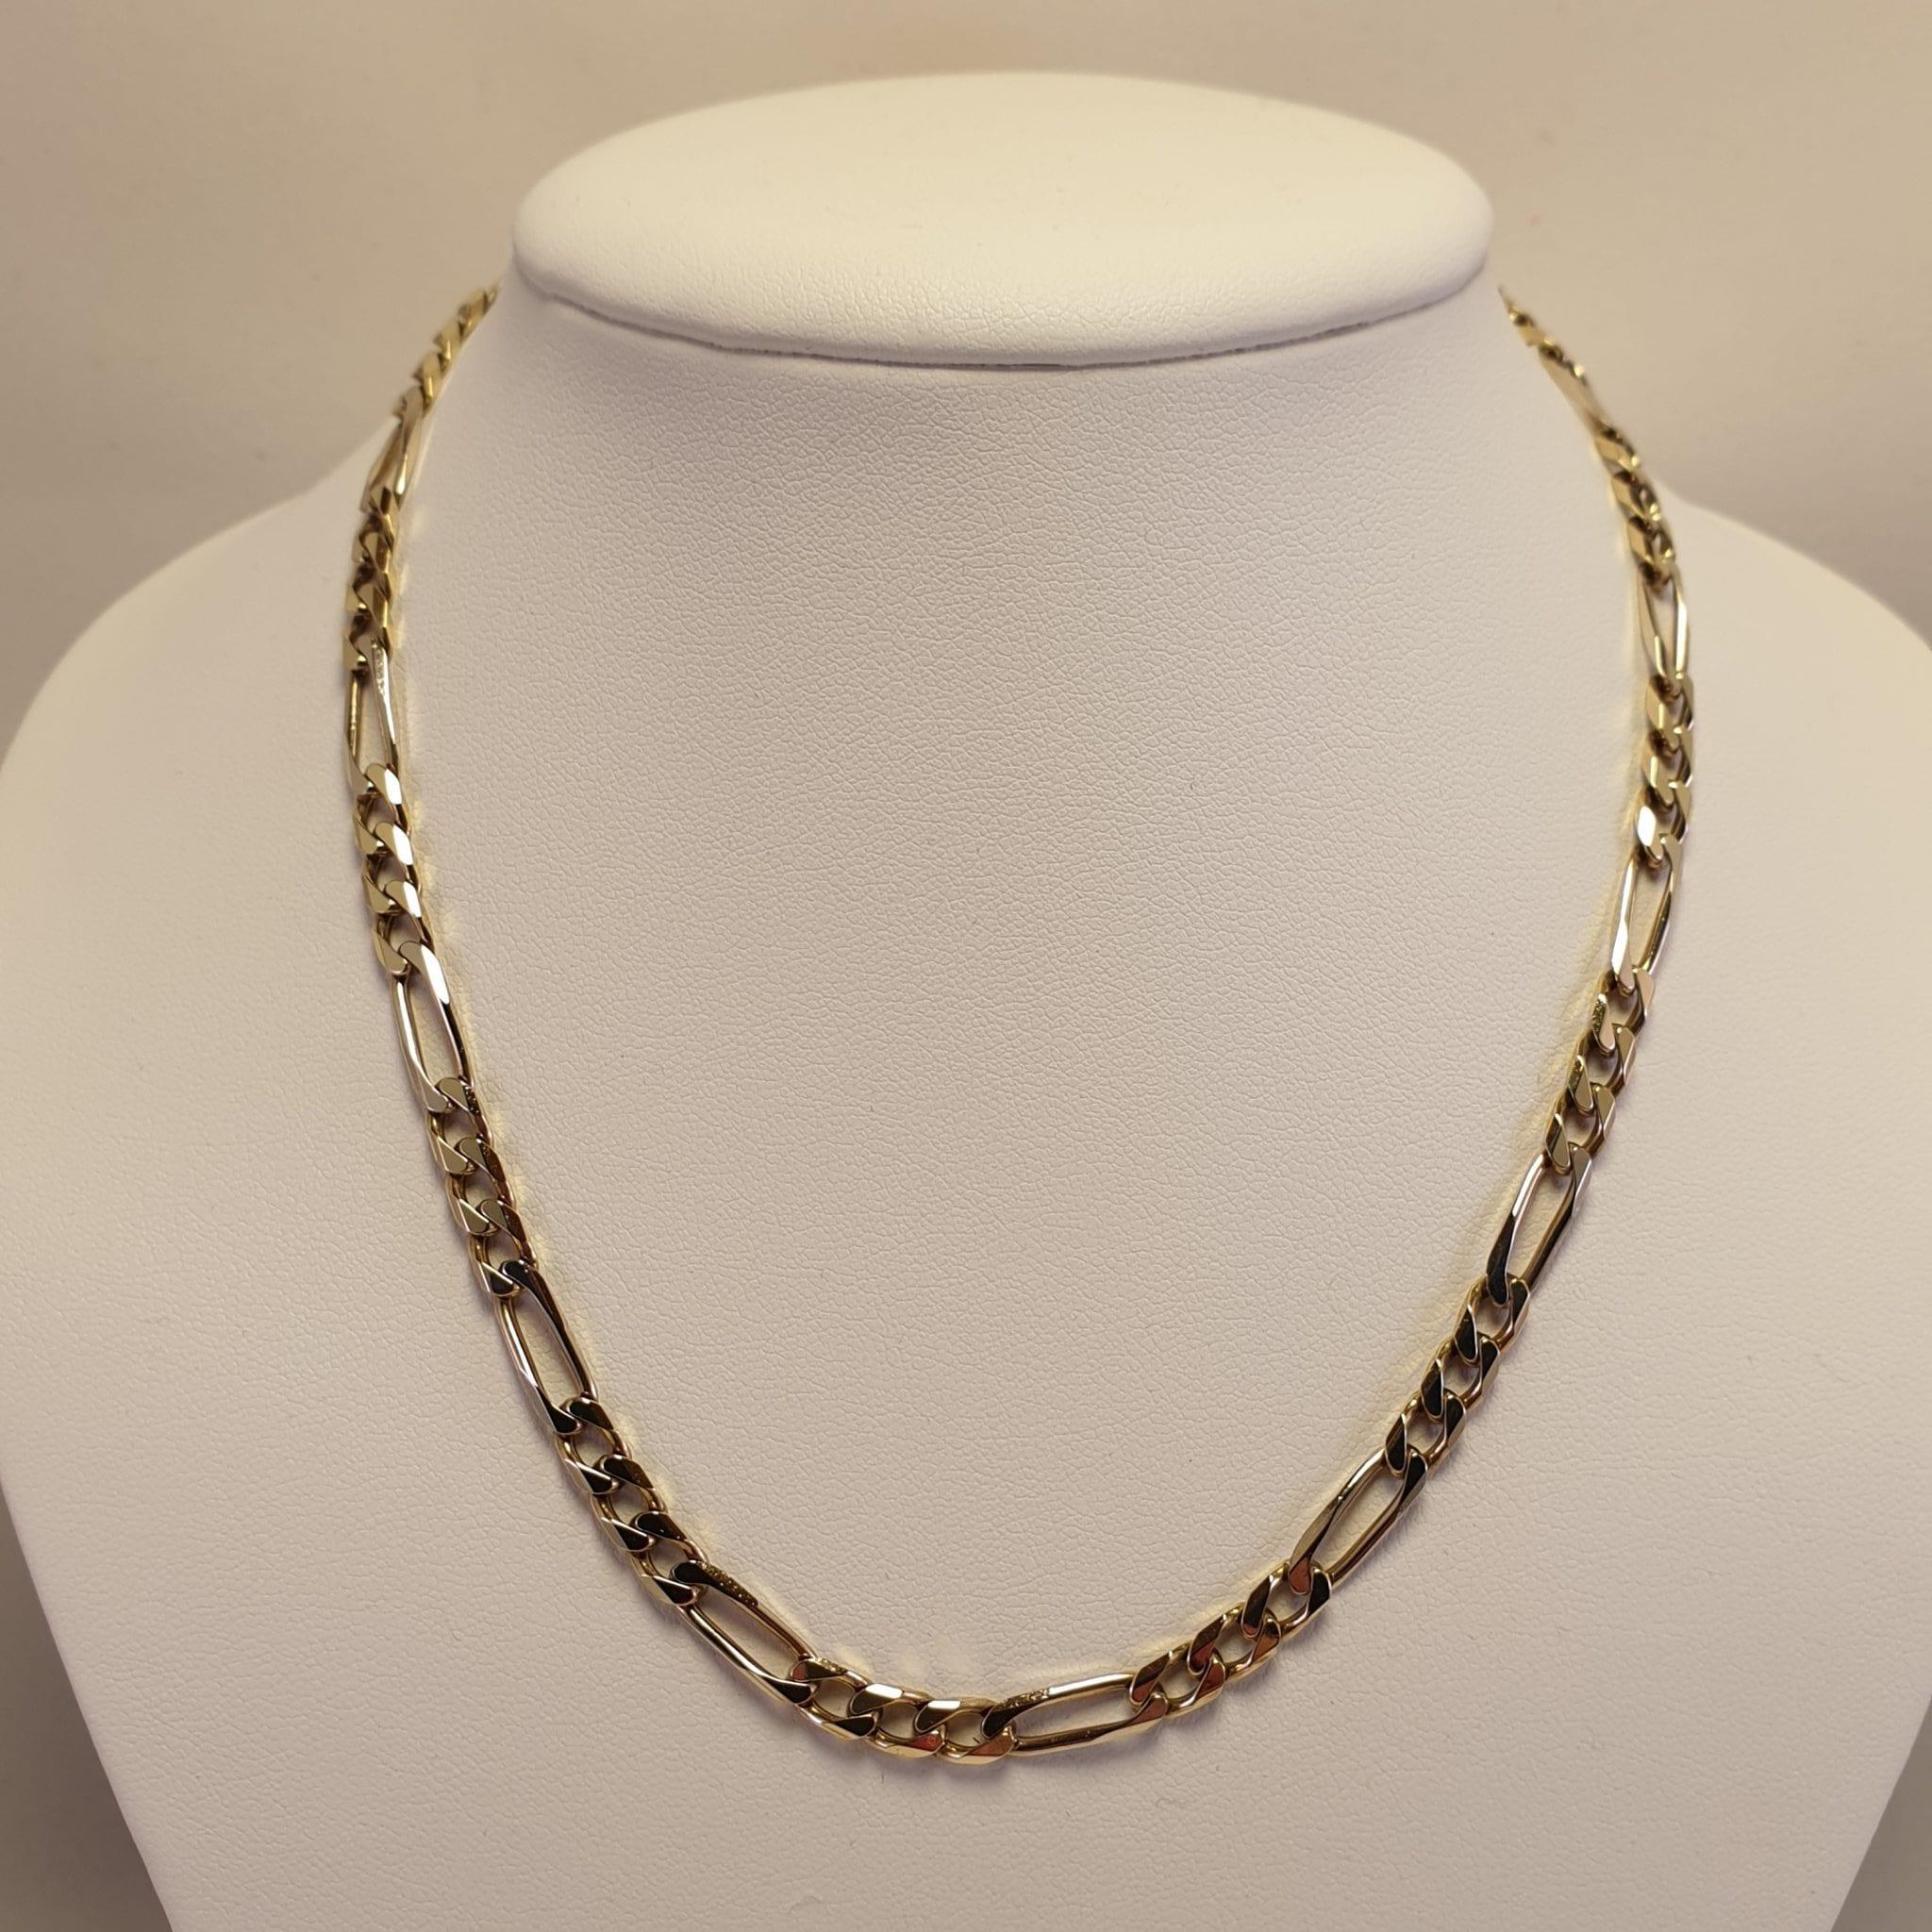 Fonkelnieuw 14 Karaats gouden heren collier | Juwelier Vuyk | Den Haag ZV-53